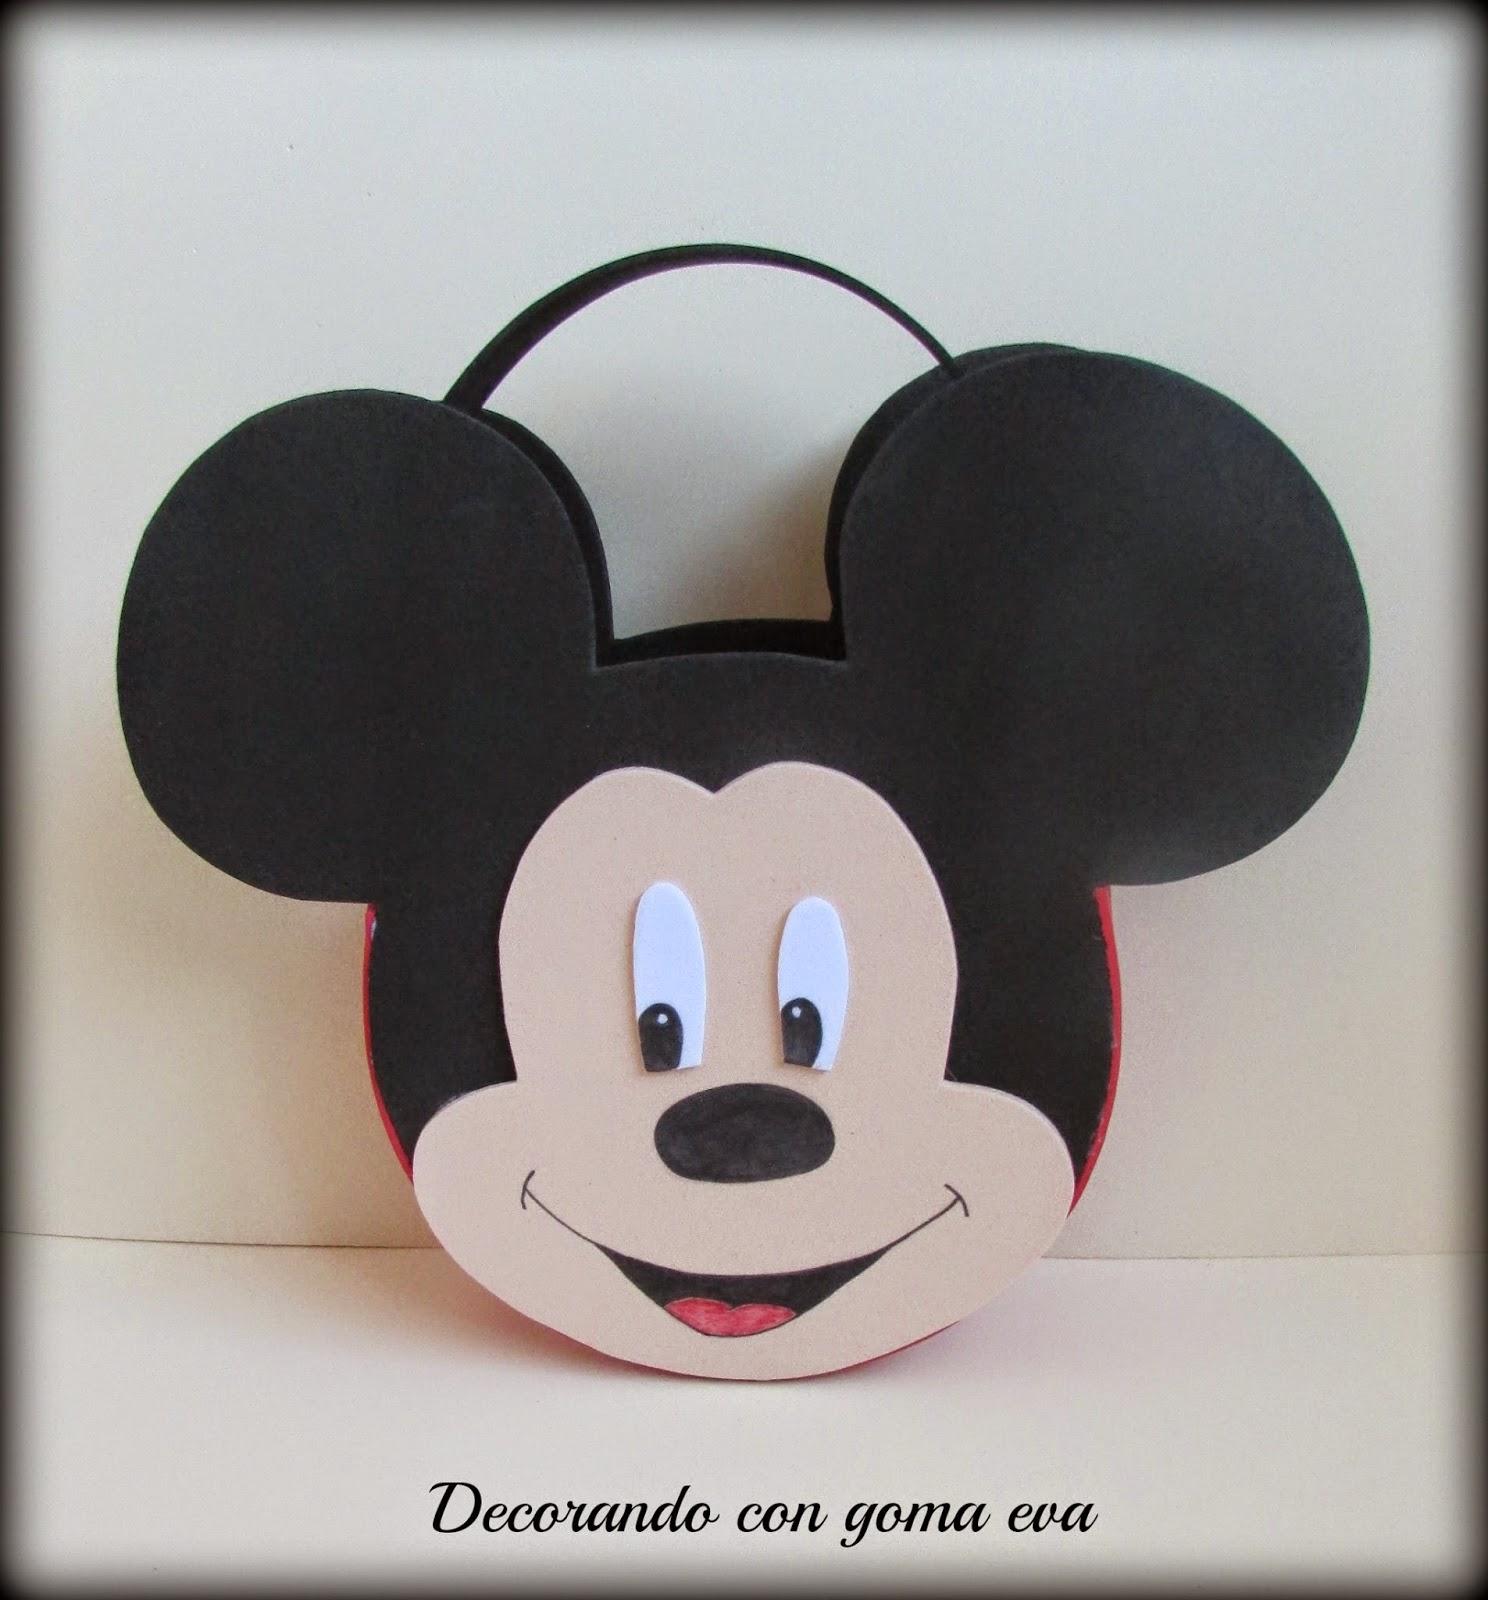 Decorando Con Goma Eva Cestas De Cumpleanos De Minnie Y Mickey Mouse